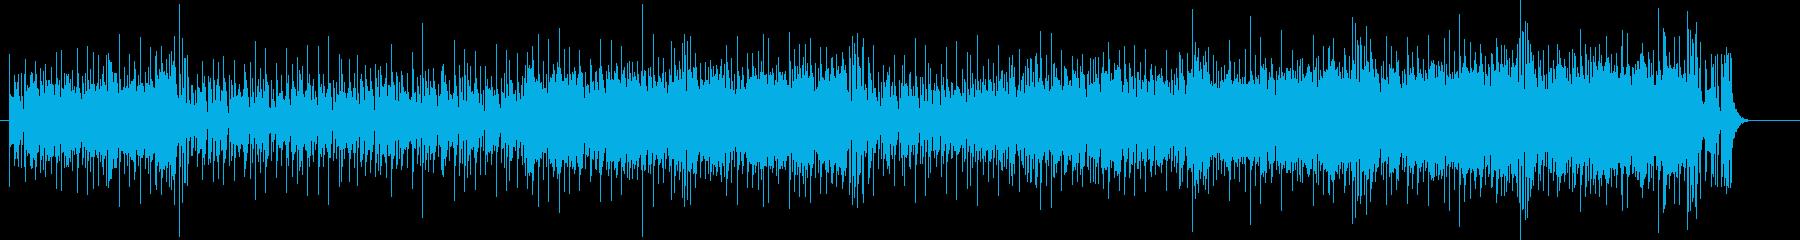 躍動感のあるキーボード・アンサンブルの再生済みの波形